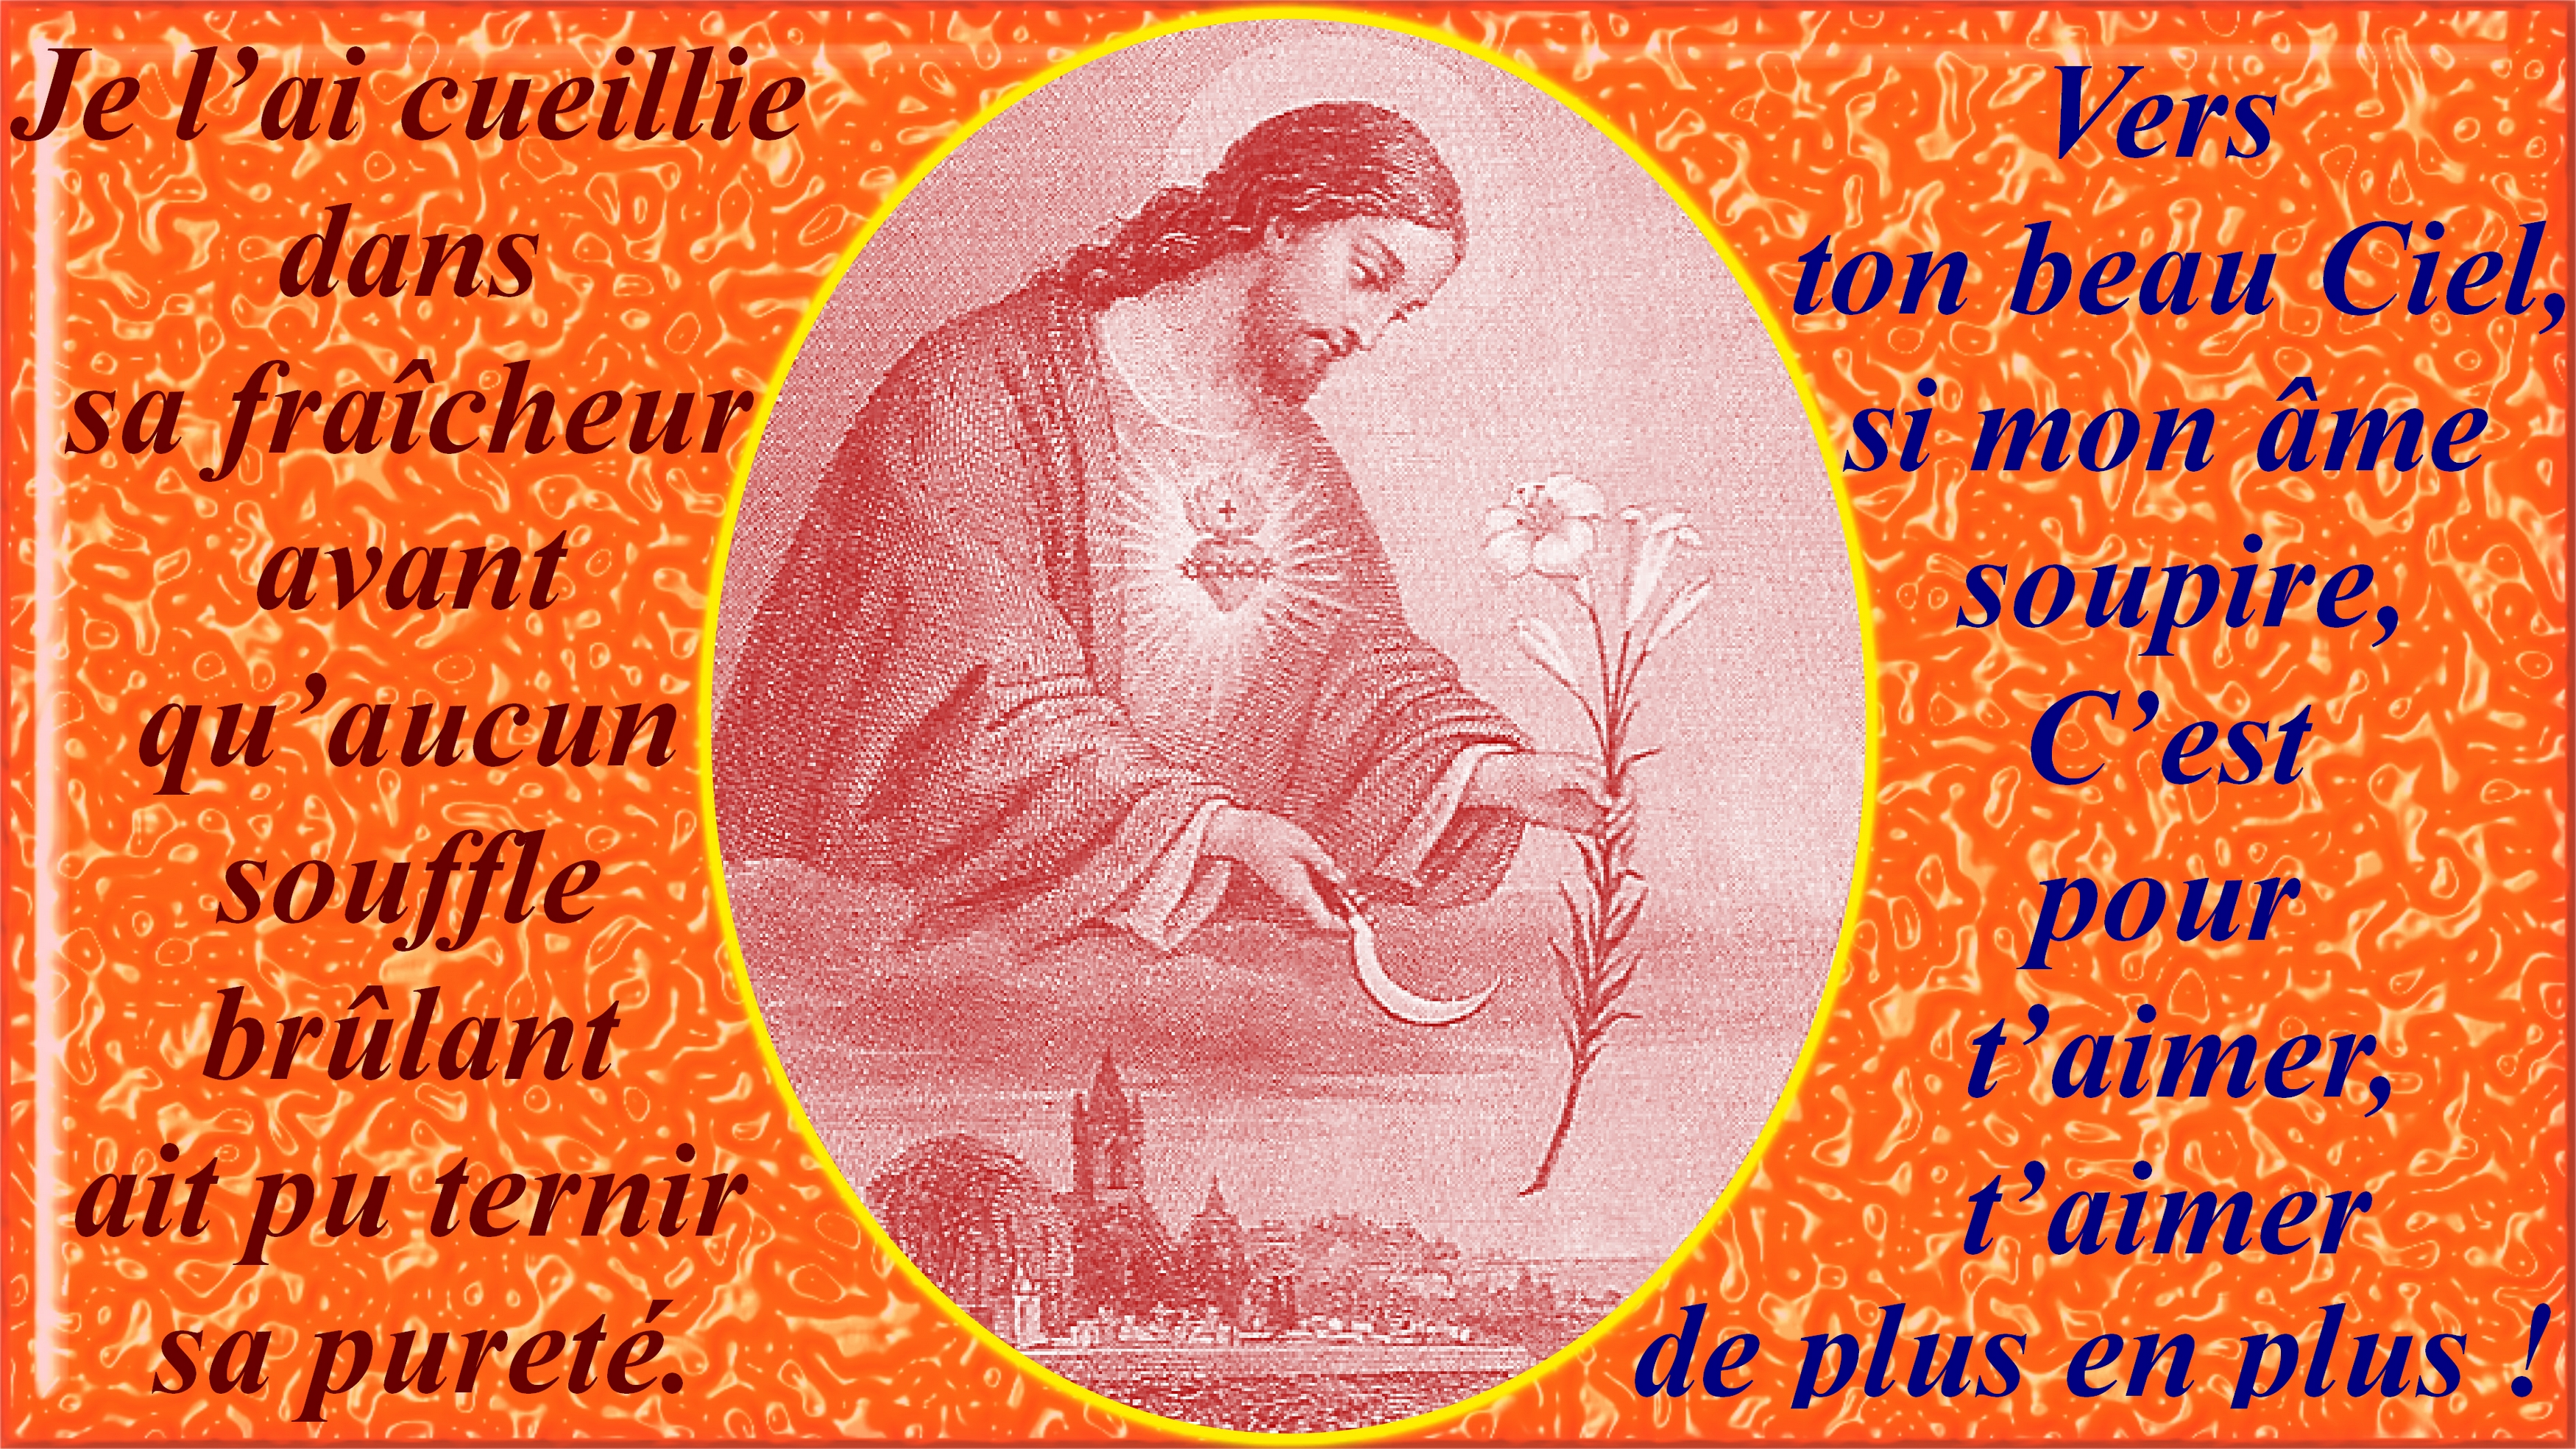 Mon HISTOIRE (récupération suite à un piratage de Fontgombault) Le-sacr--coeur-ra...-me-pure-57a568a